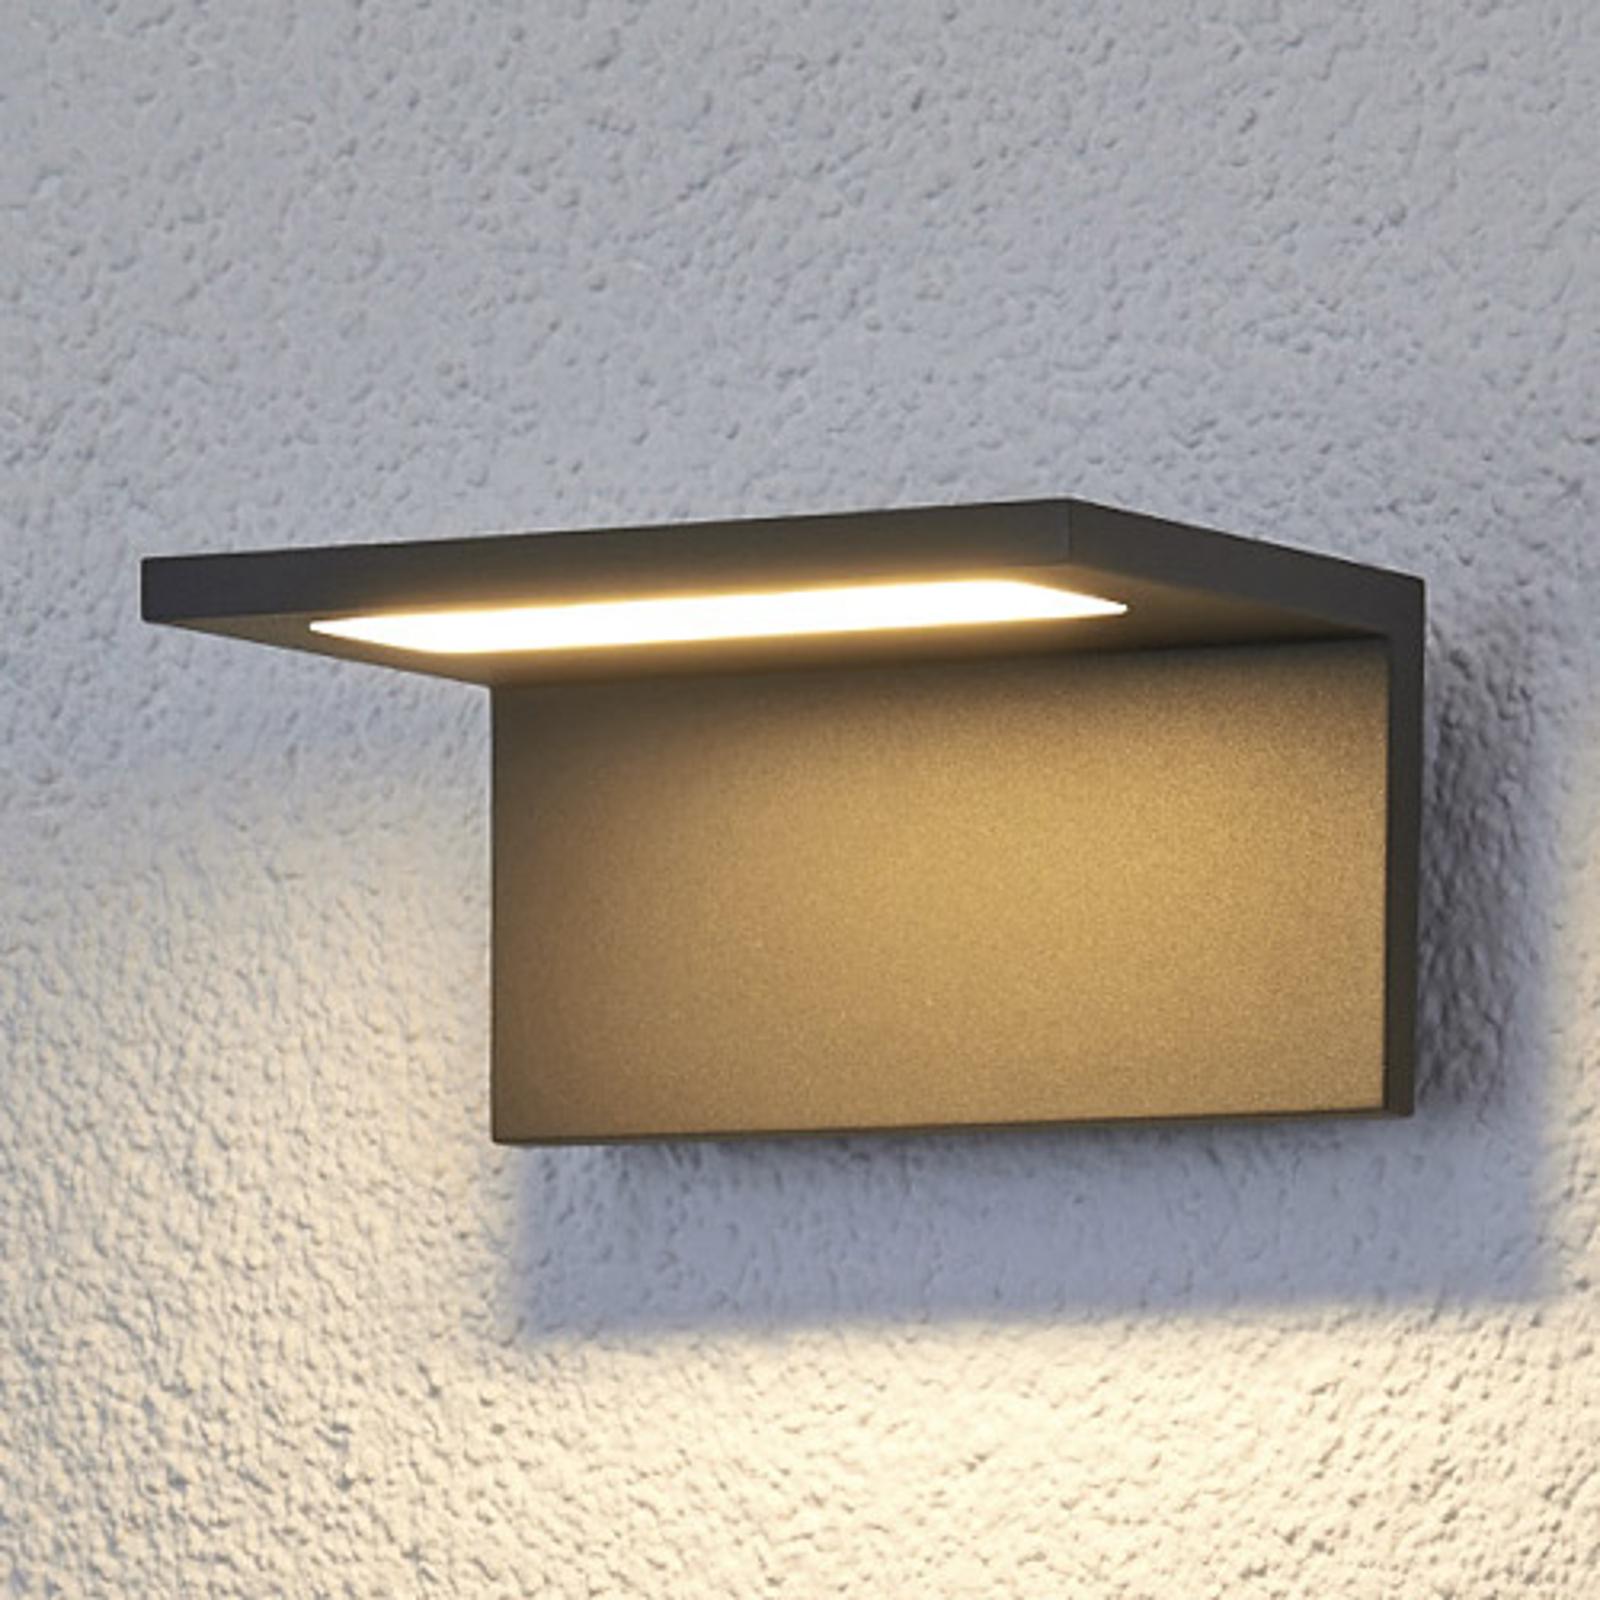 Płaska lampa zewnętrzna ścienna LED Caner